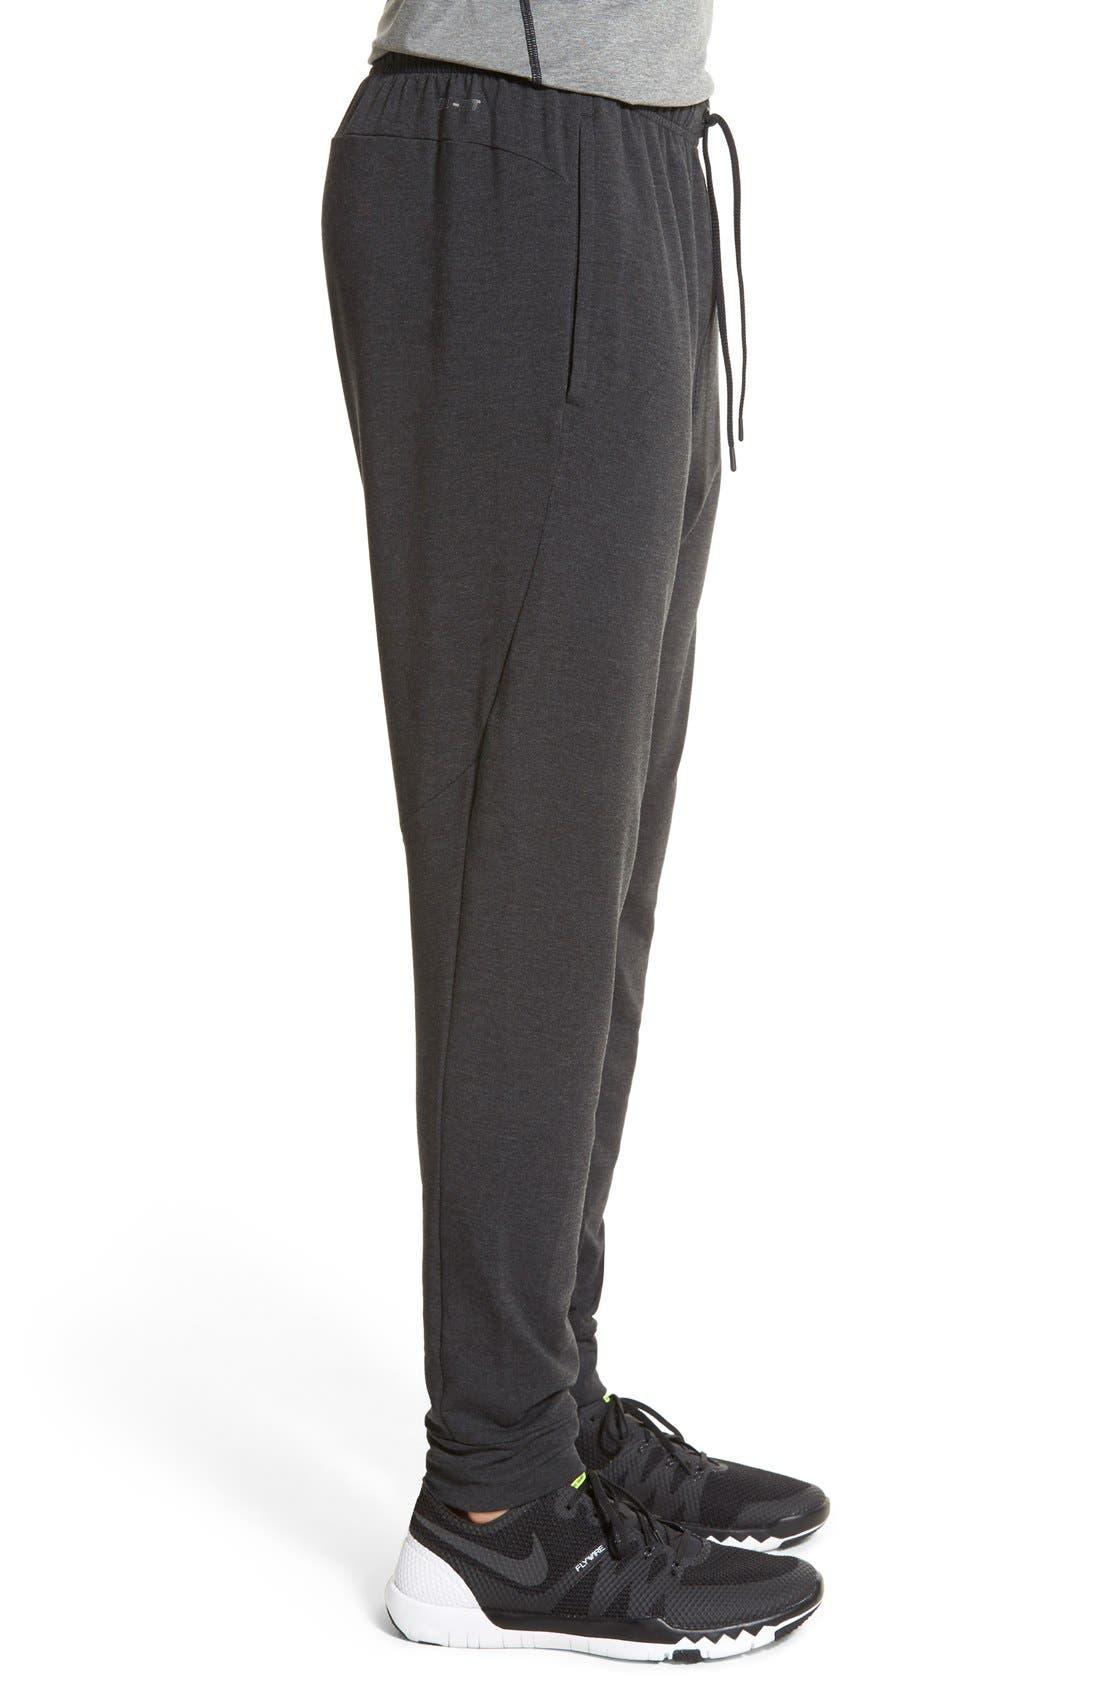 Dri-FIT Fleece Training Pants,                             Alternate thumbnail 3, color,                             Black/ Black